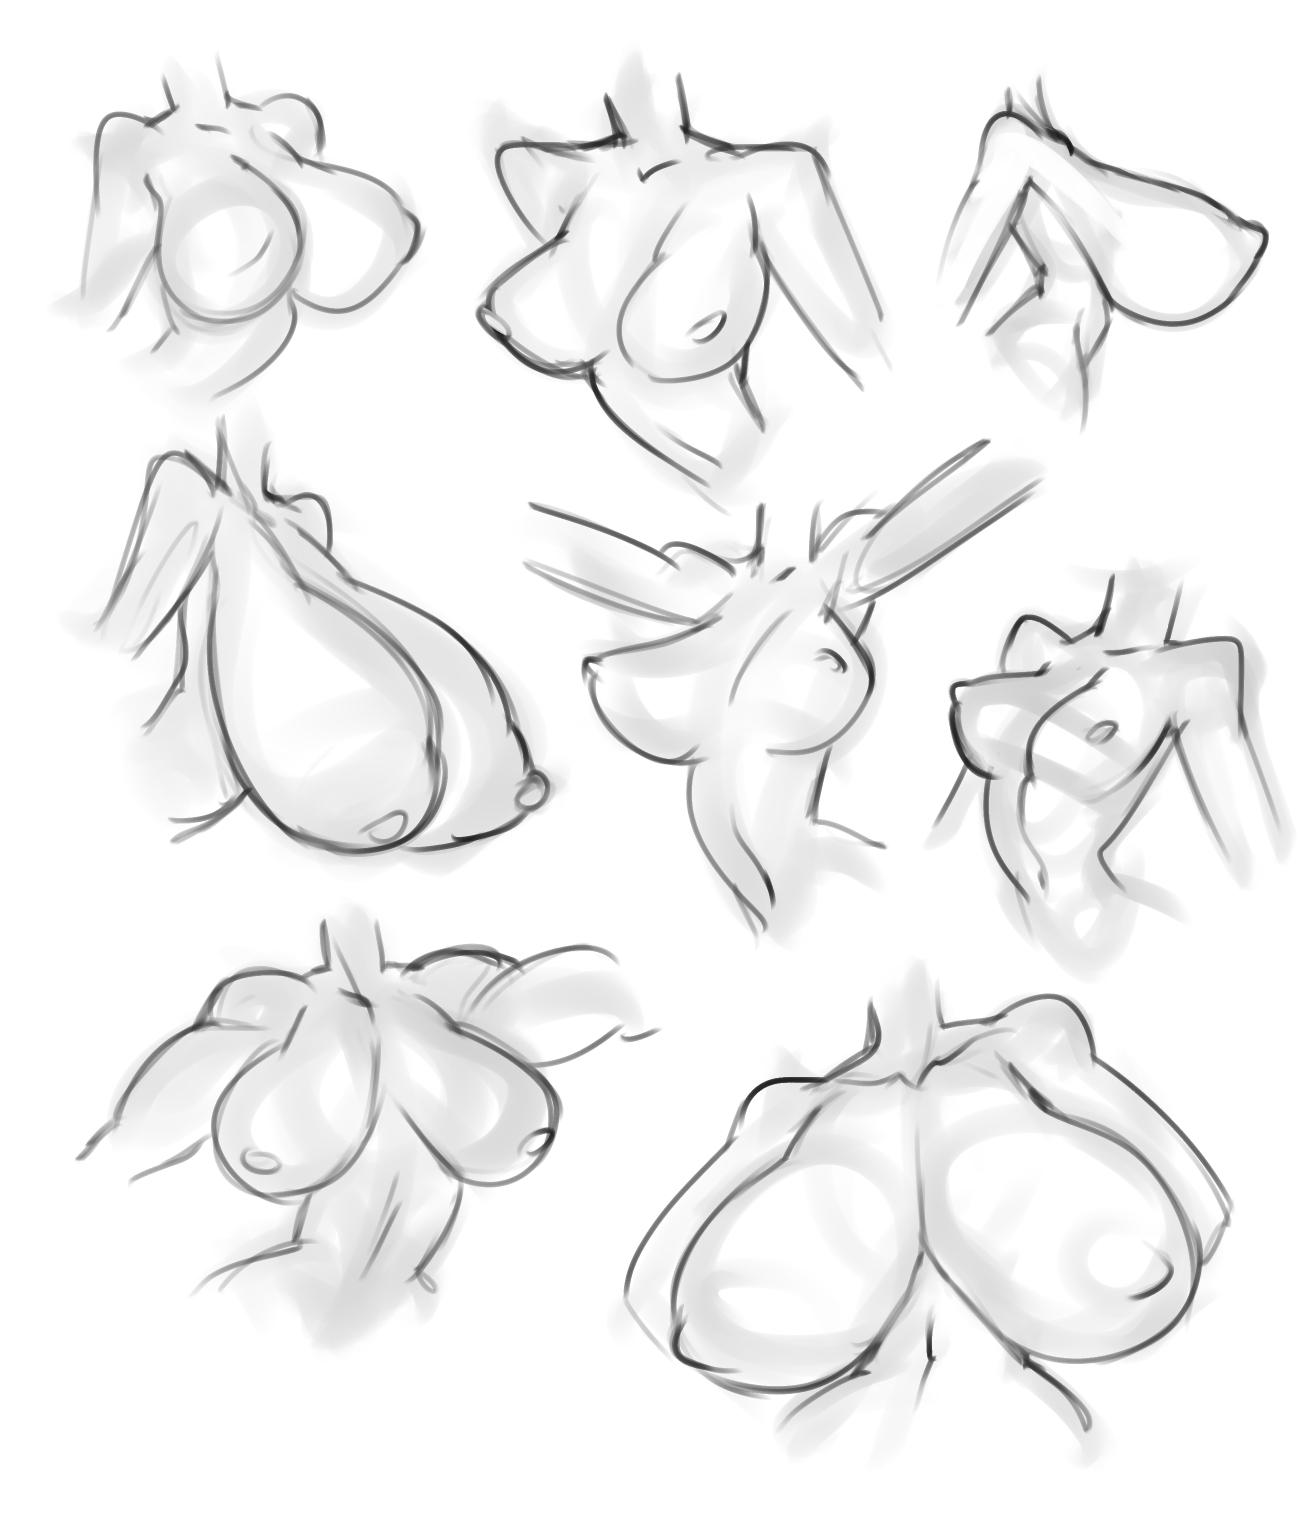 boobs boobs boobs